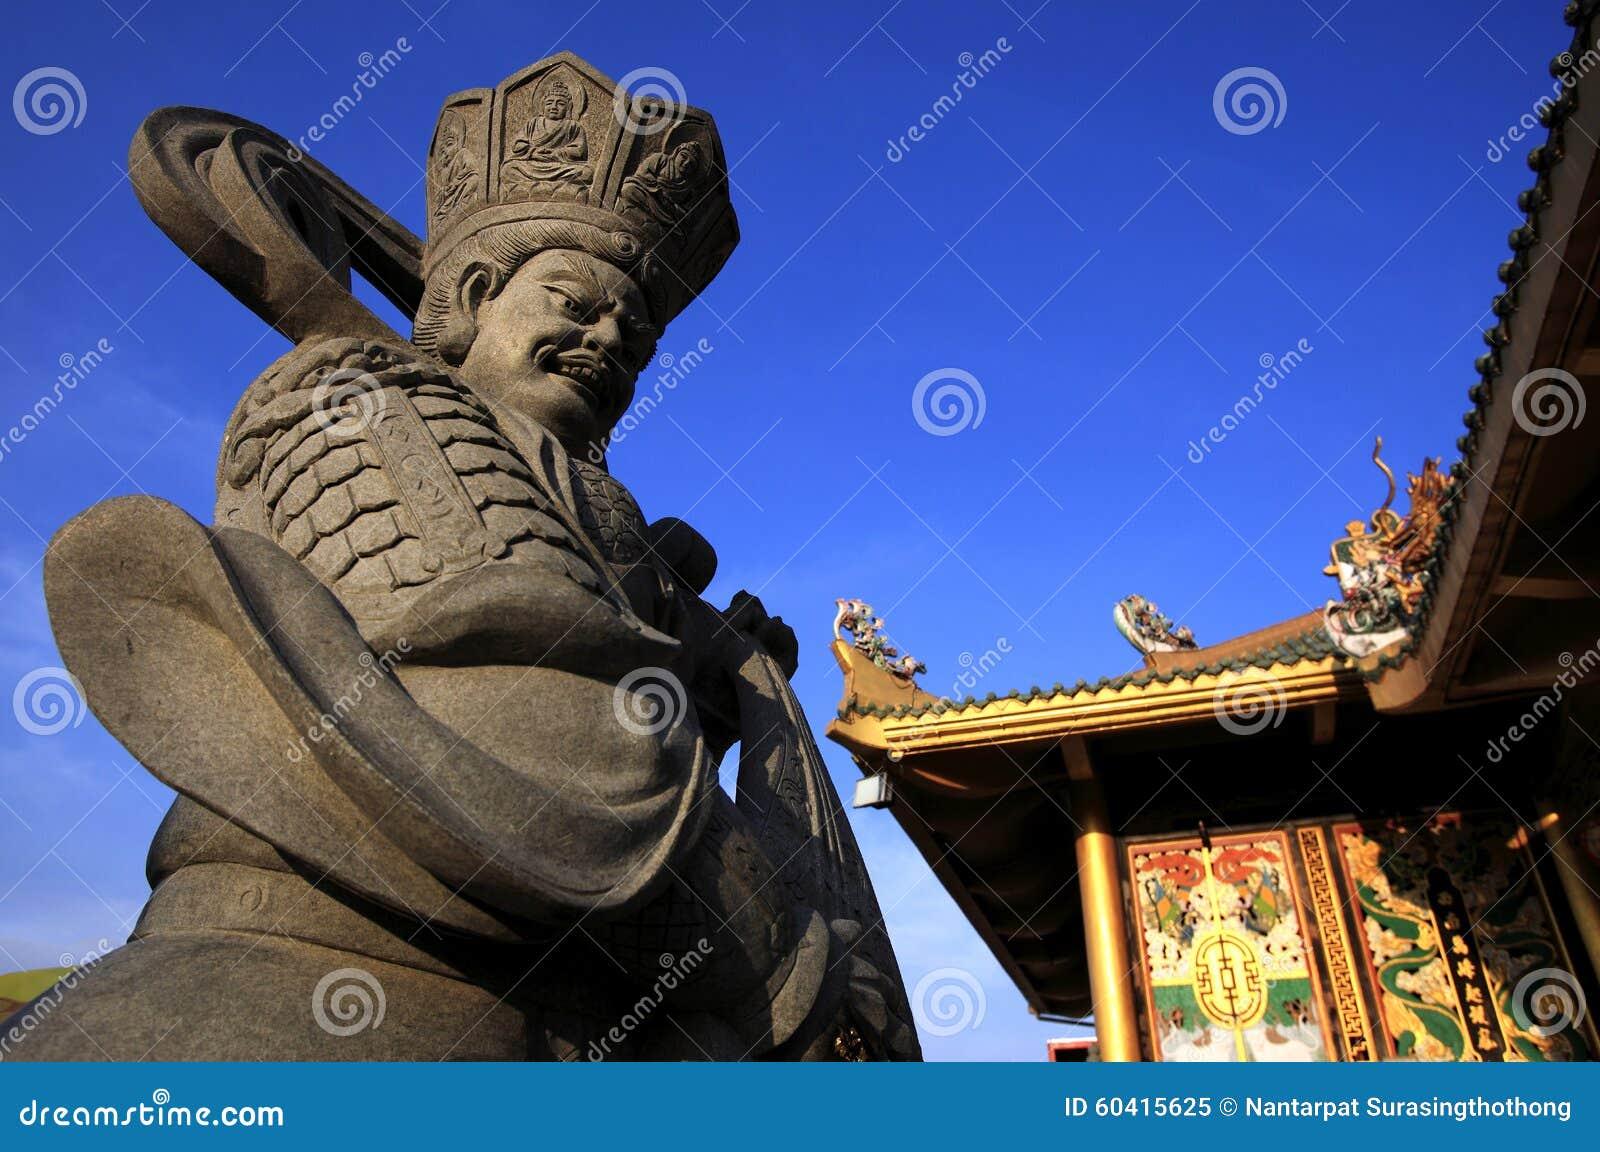 中国神石雕塑中国寺庙的,中国